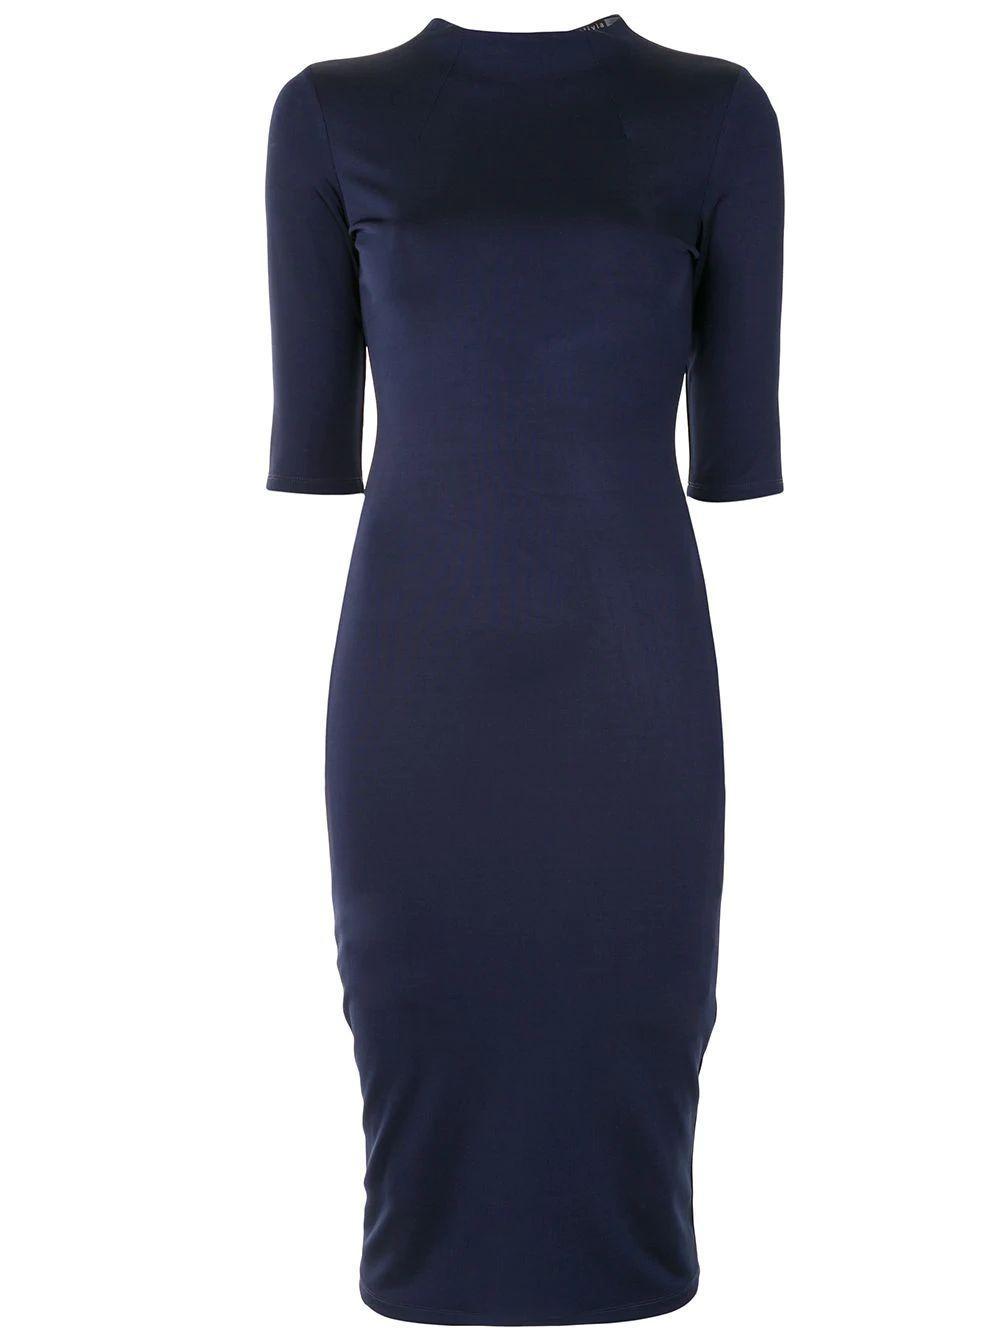 Delora Dress Item # CL000073508